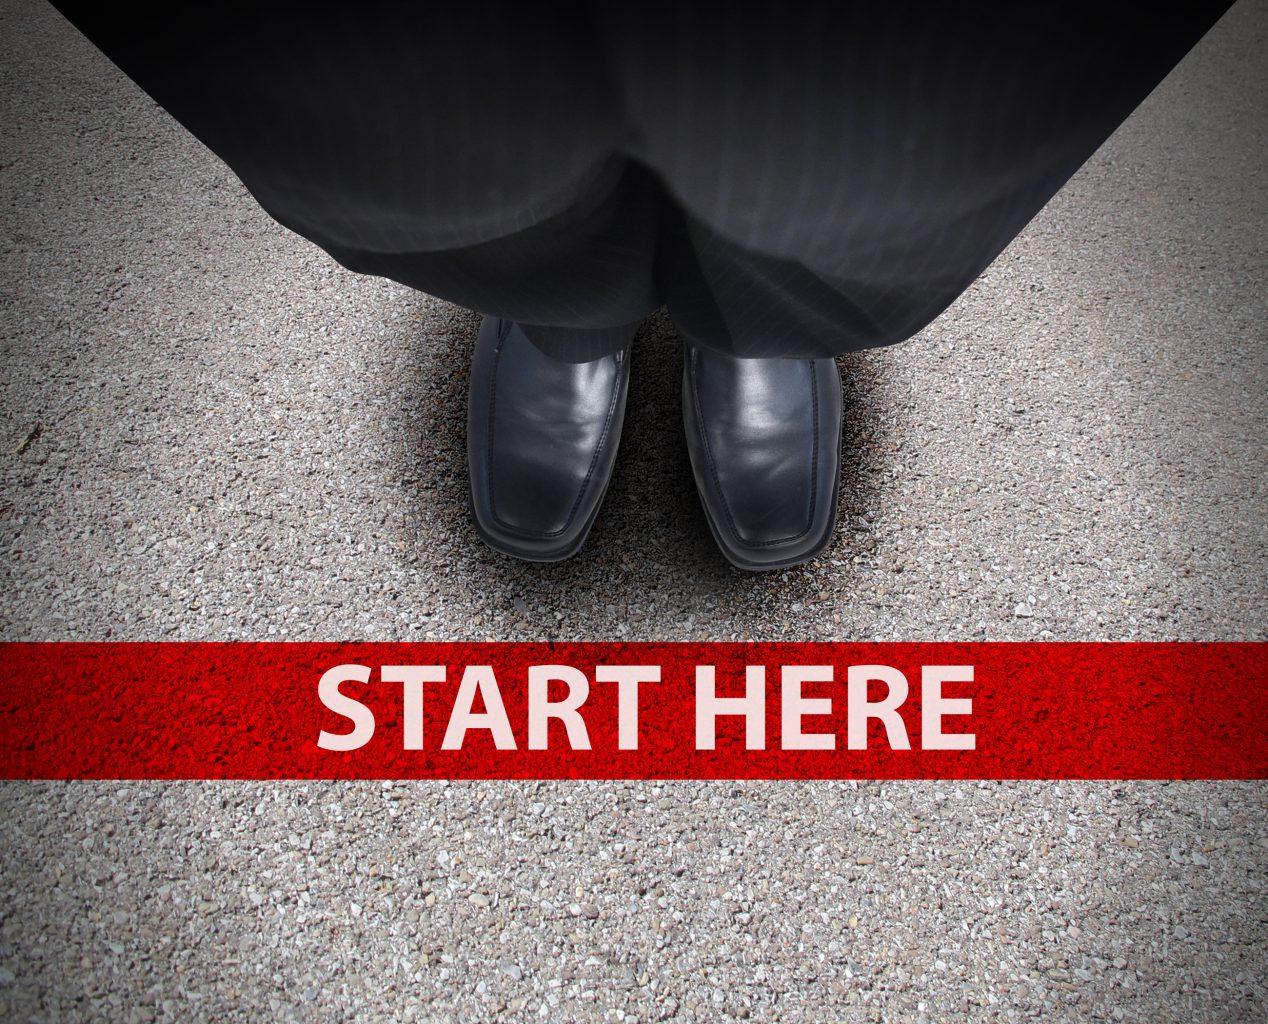 Buscando el primer empleo, ¿cómo redactar un CV sin experiencia laboral?